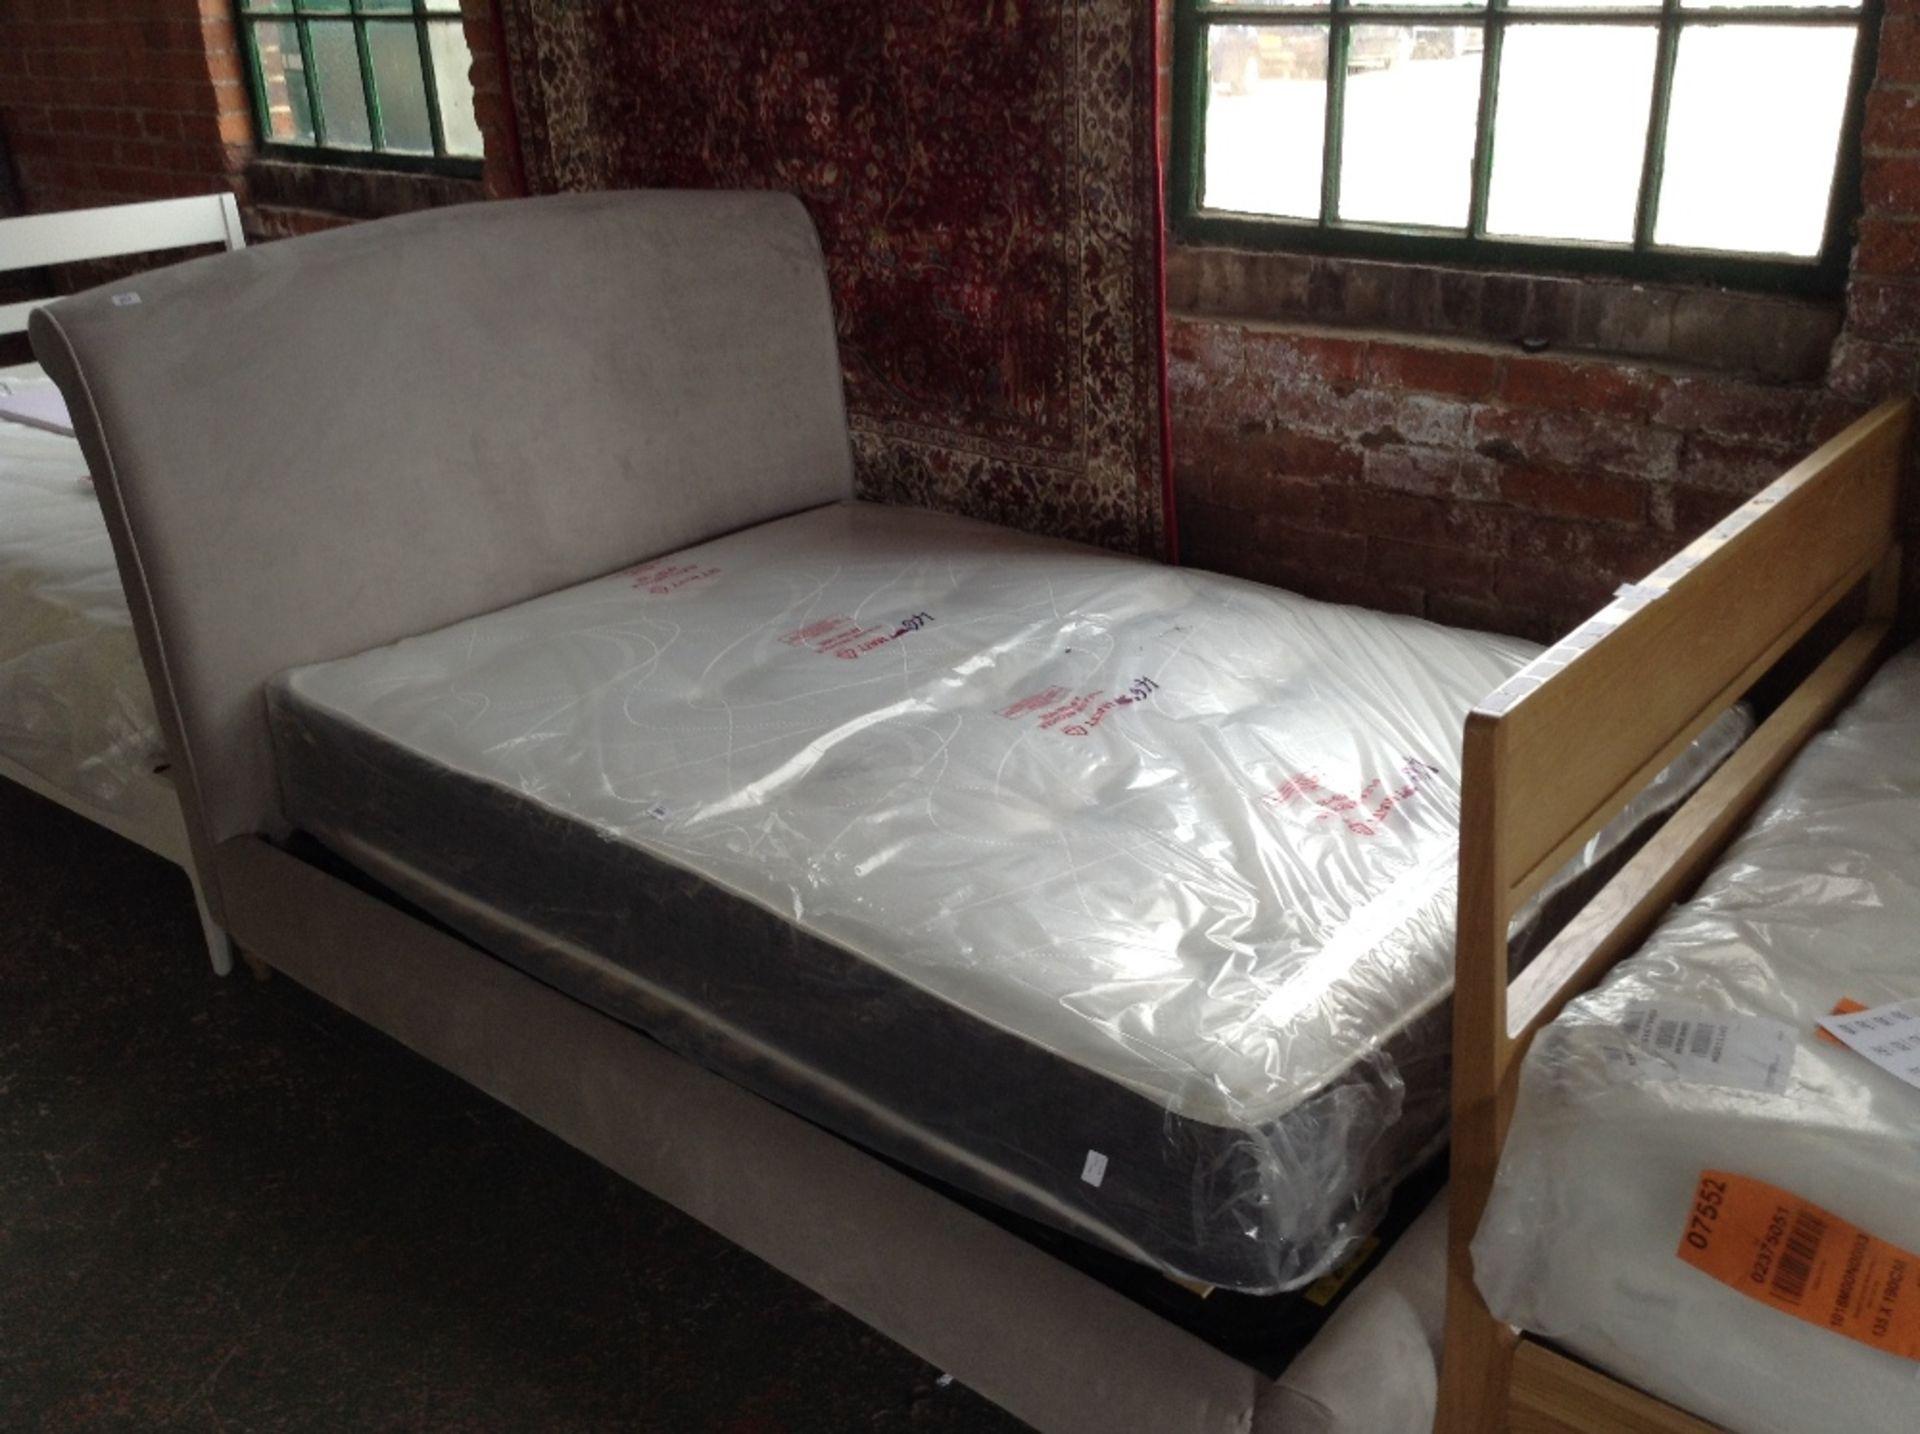 Lot 203 - GREY UPHOLSTERED KING SIZE BED FRAME